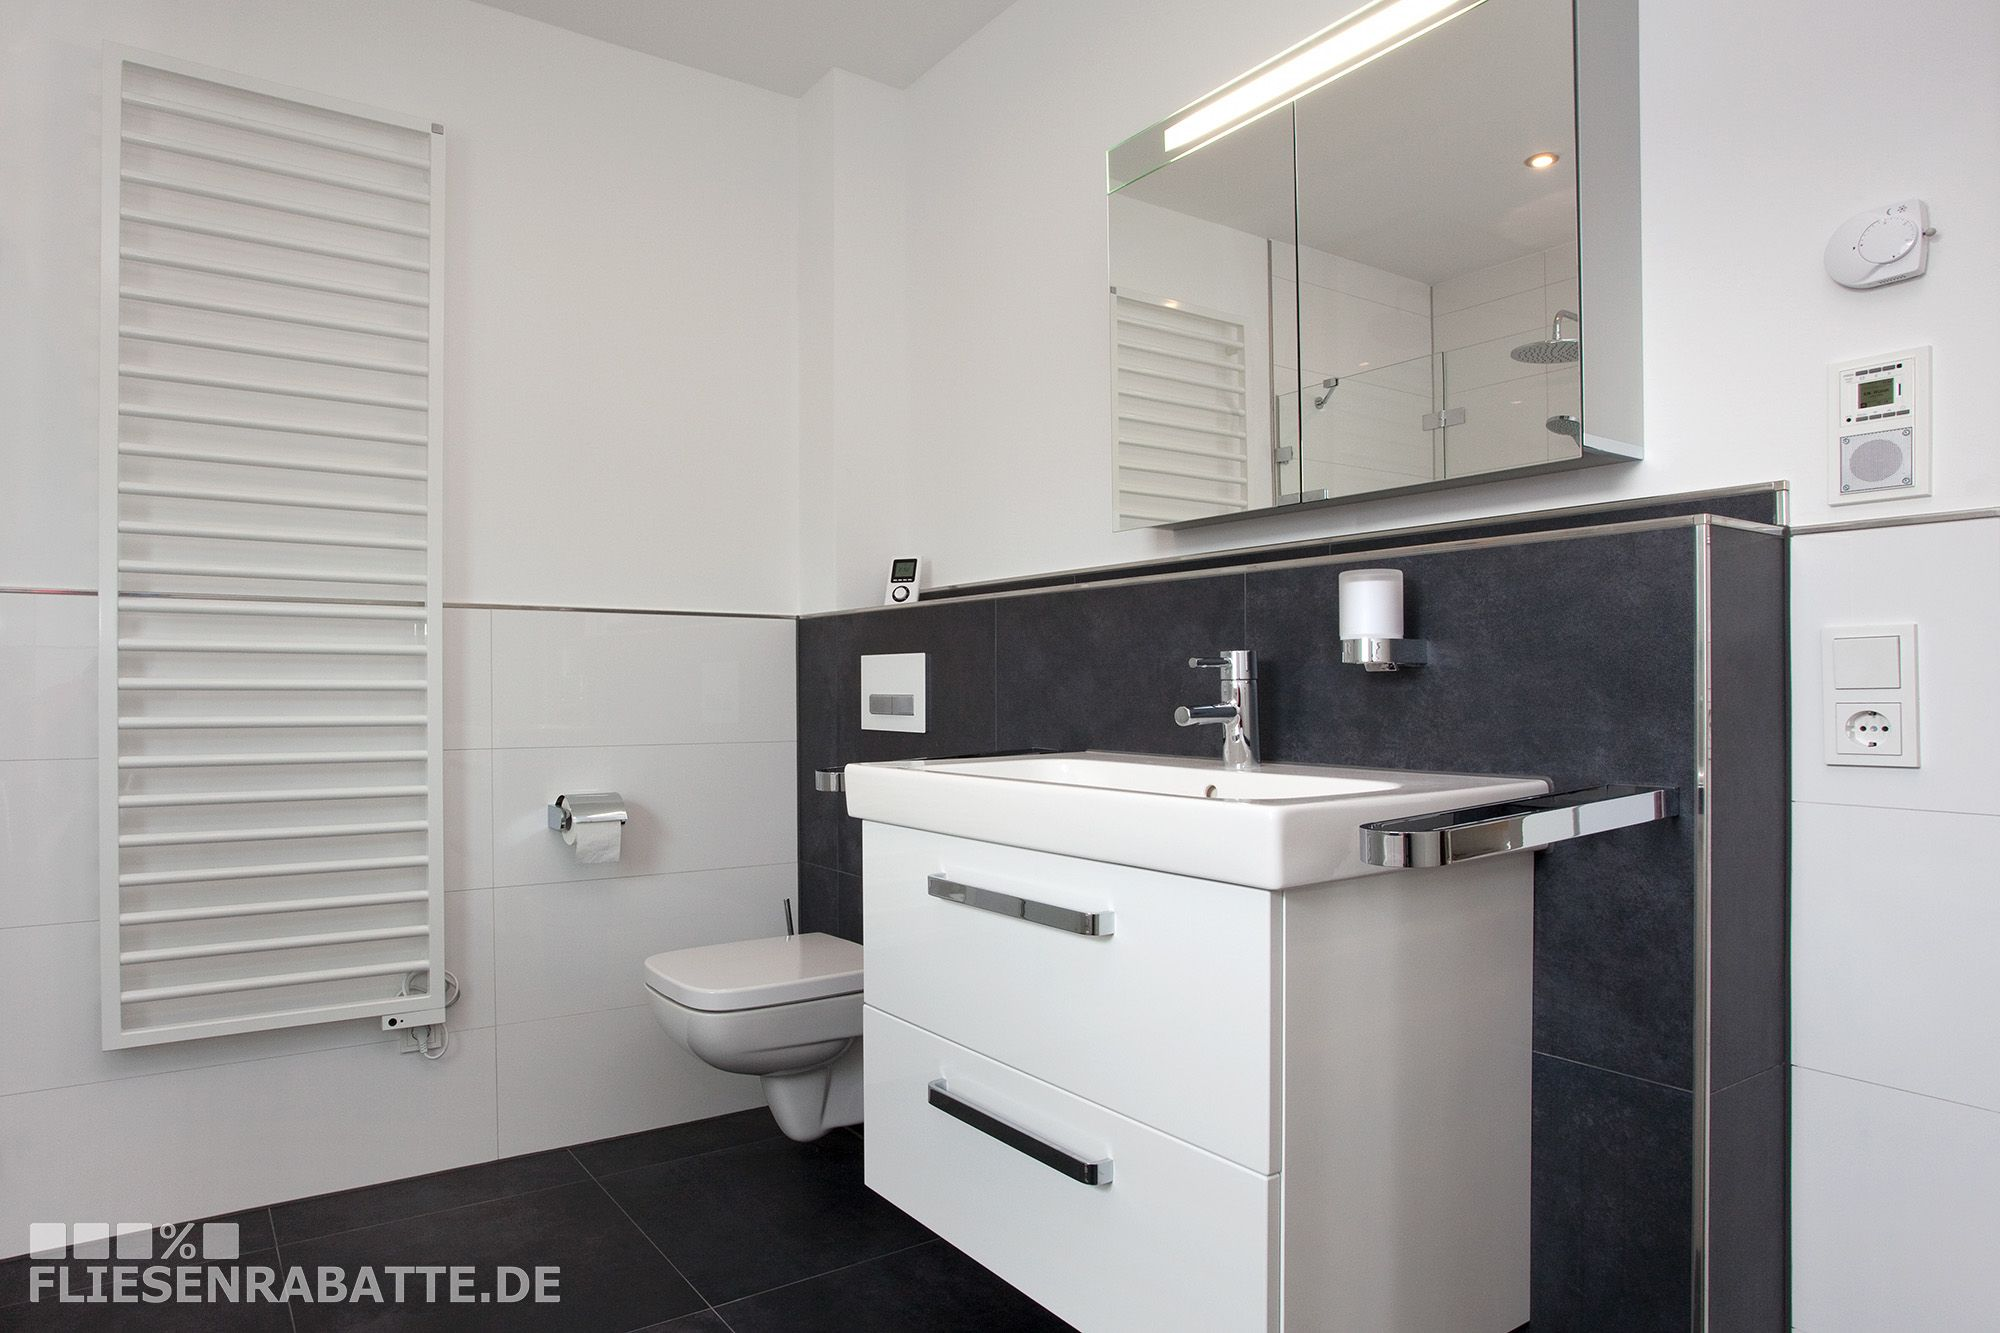 badezimmer wandfliesen wie hoch kleinkram ina and thom. Black Bedroom Furniture Sets. Home Design Ideas